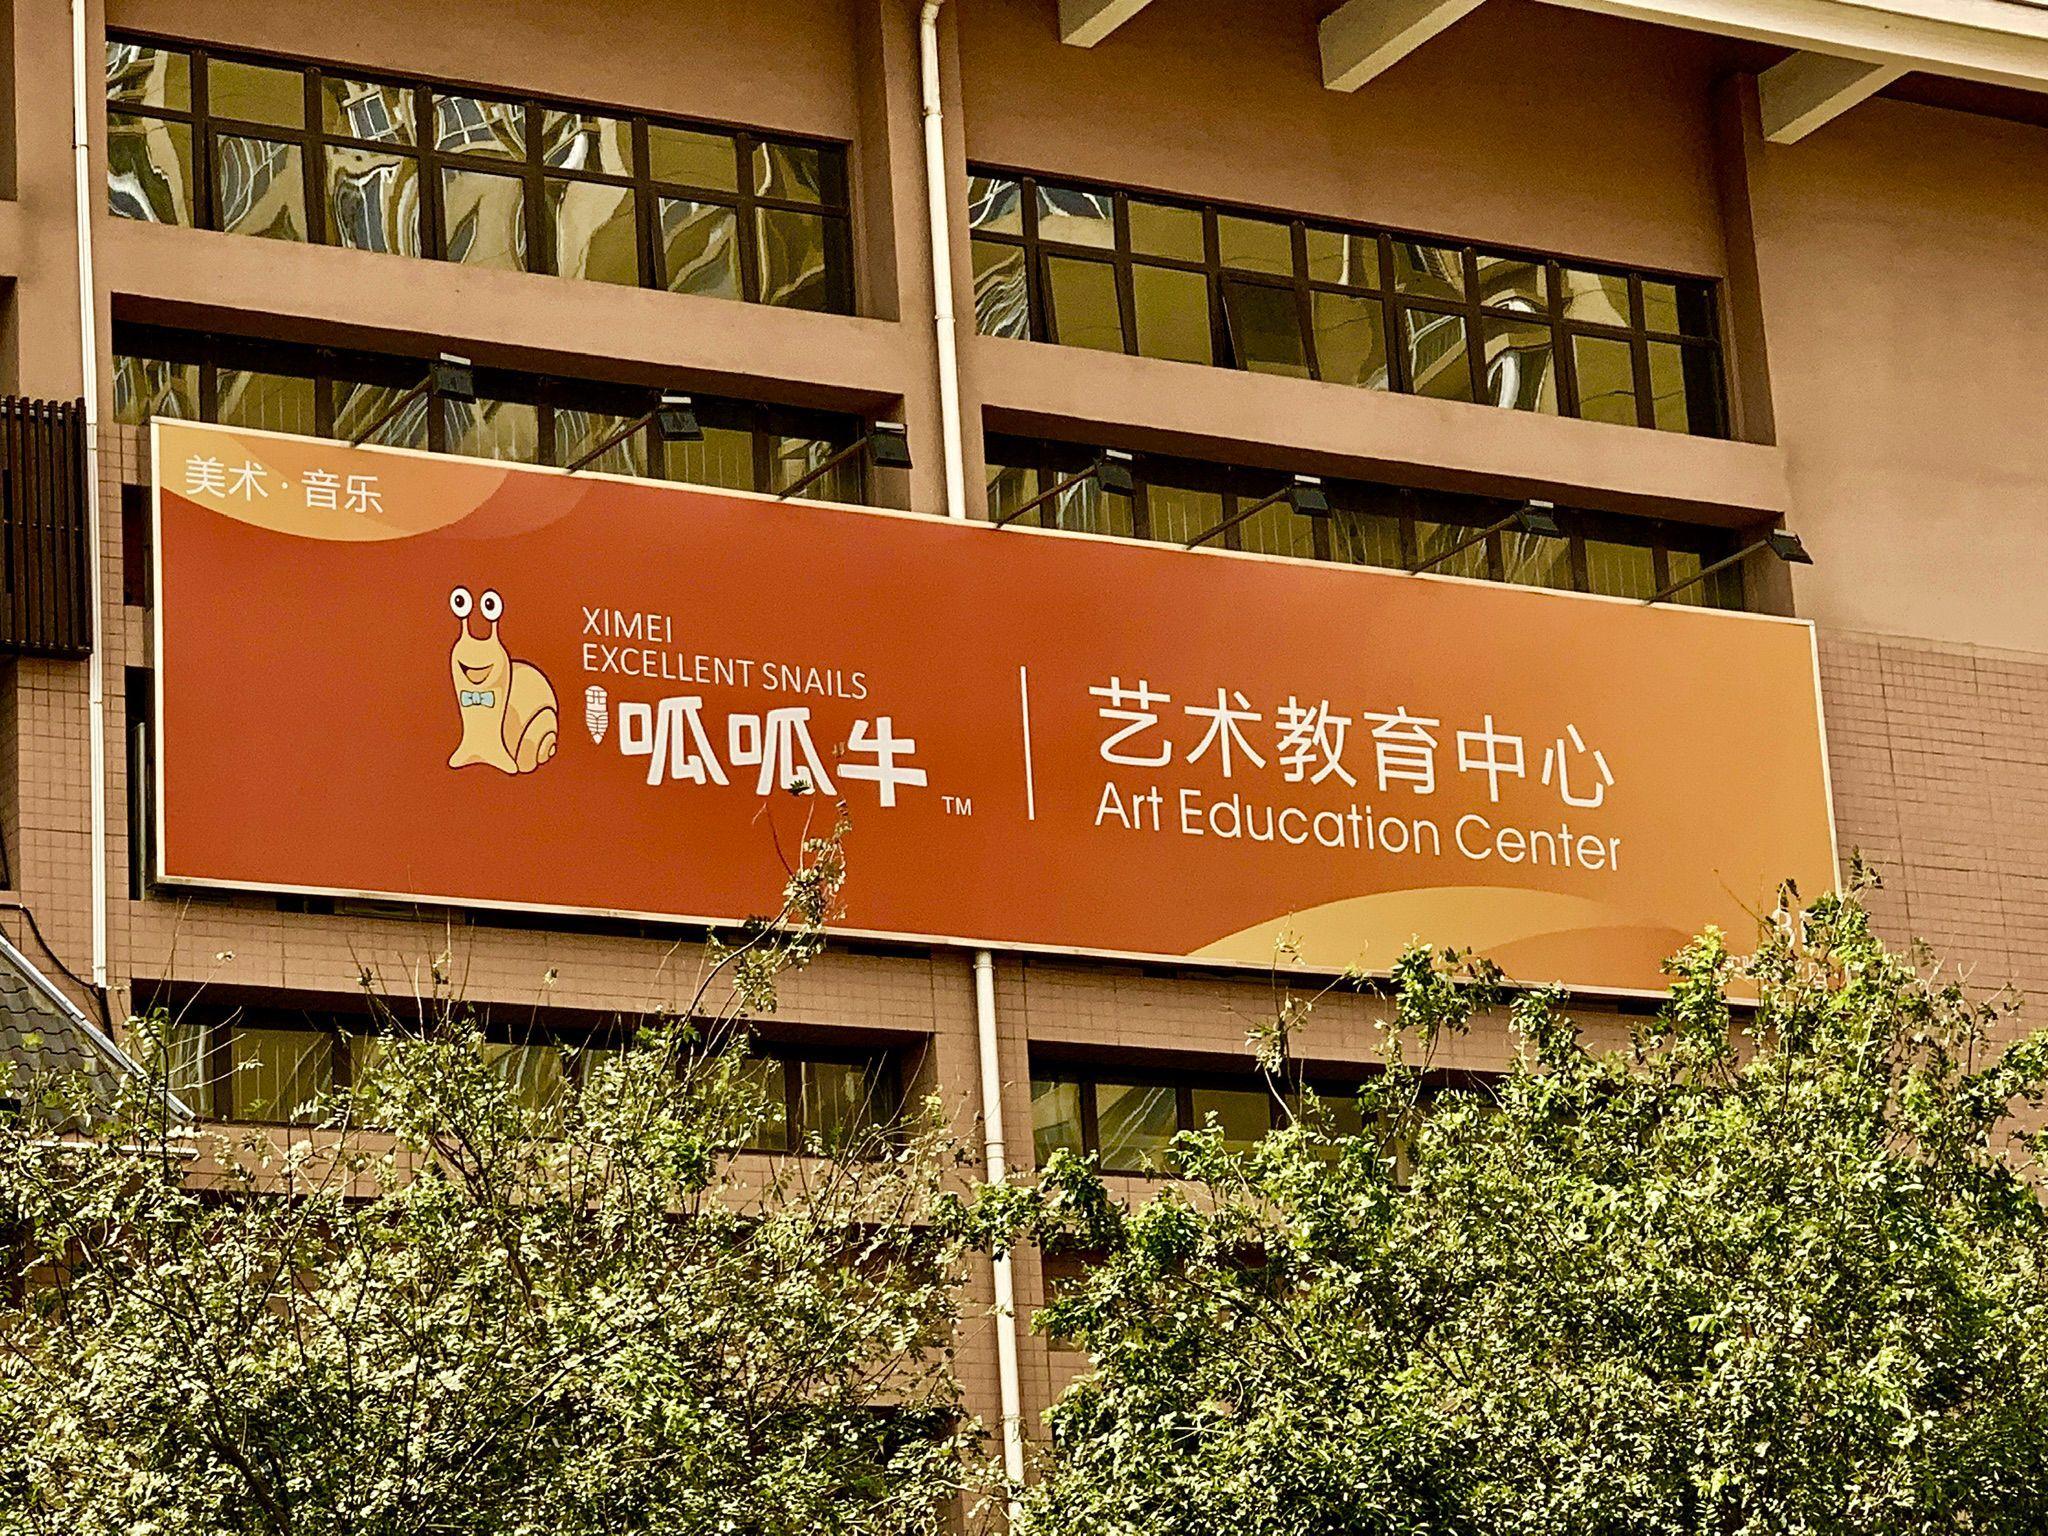 西安呱呱牛艺术教育中心——远东校区